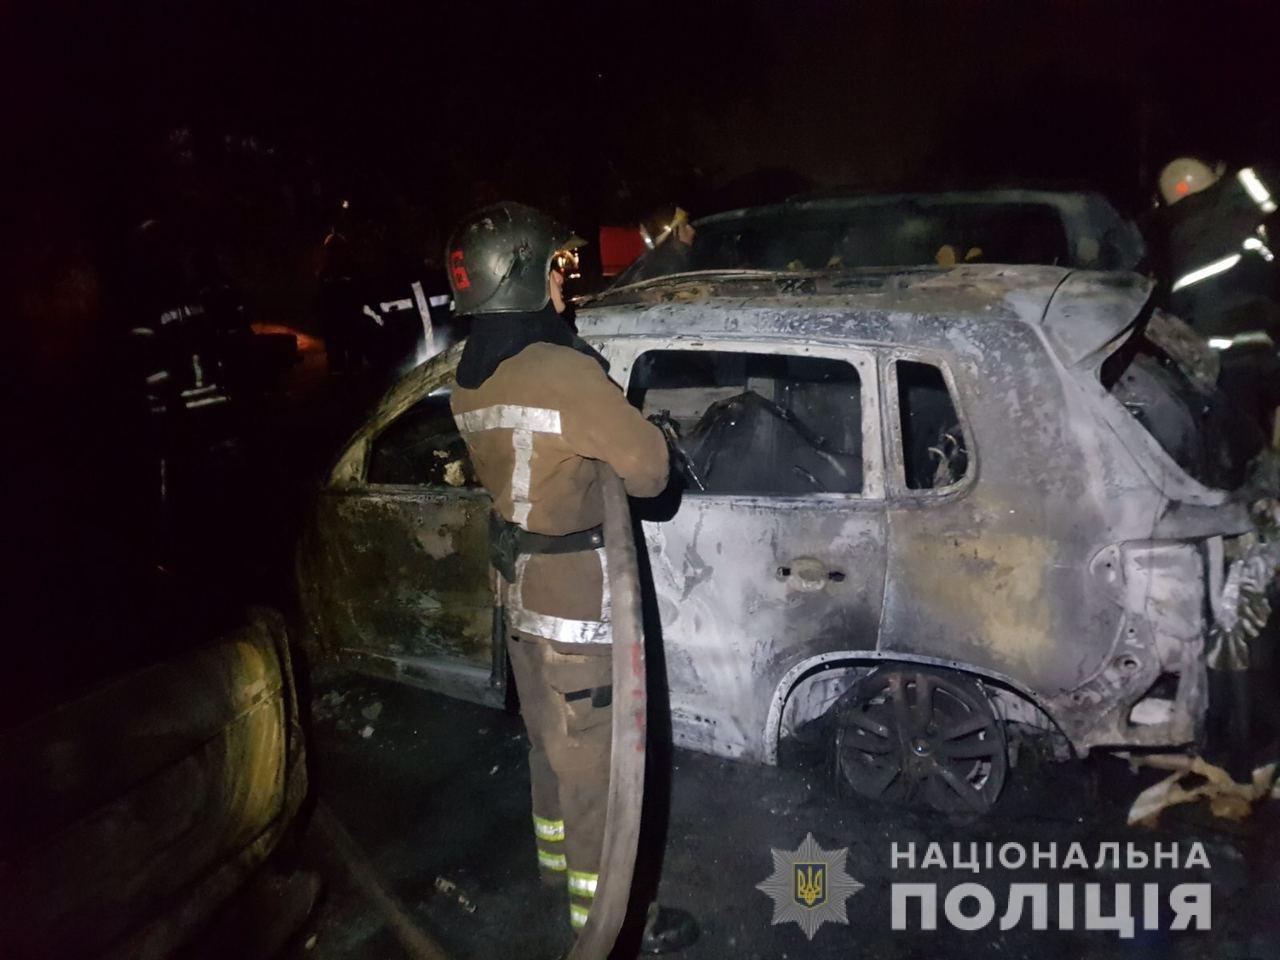 Сгоревшие авто возле охраняемой парковки в Харькове: в полиции рассказали подробности, - ФОТО, фото-2